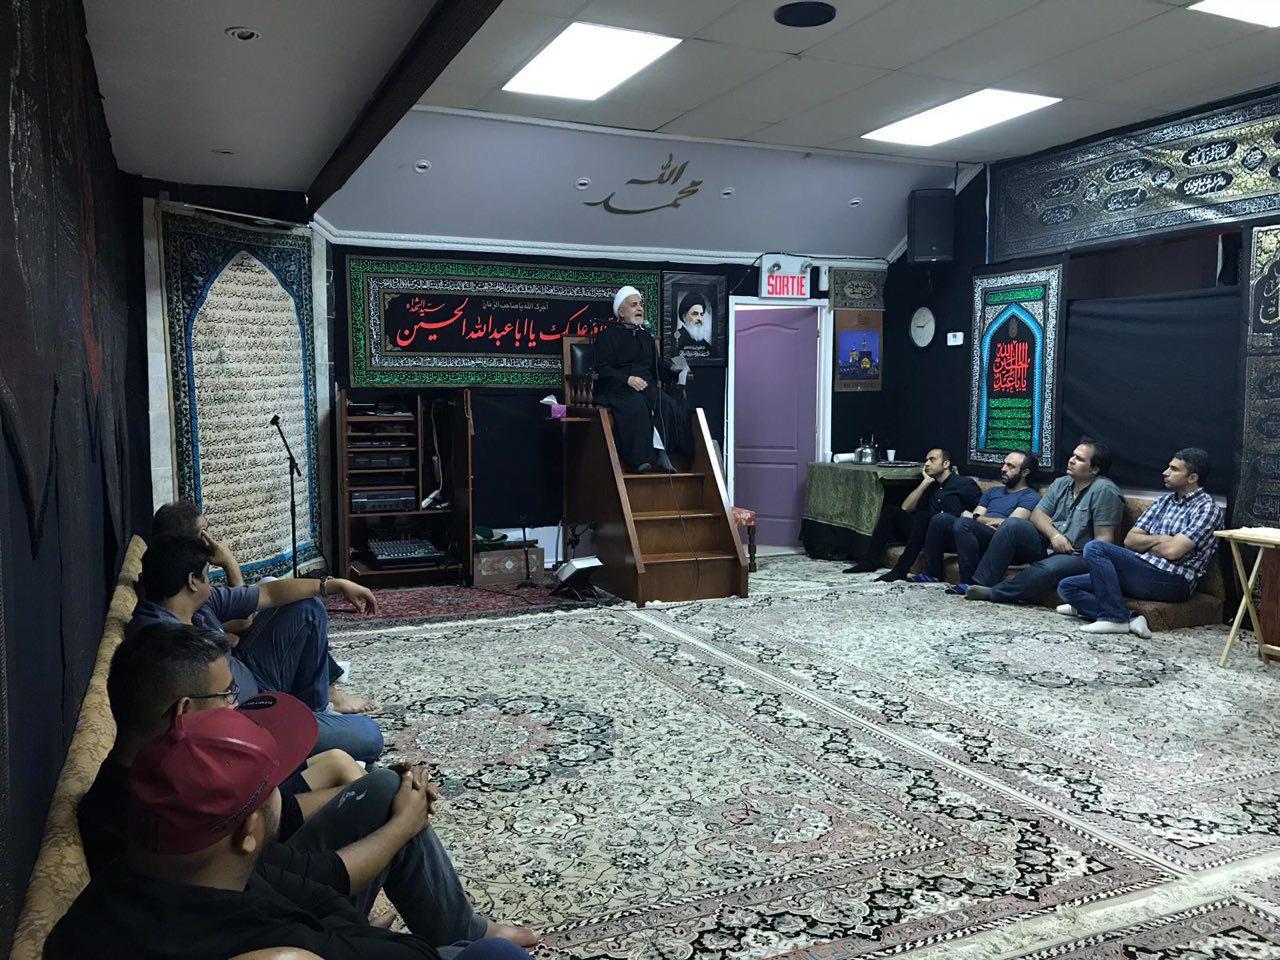 تصویر گزارش تصویری ـ عزاداری شیعیان حسینی در محرم در مرکز جهانی آیت الله العظمی شیرازی در کانادا ـ شب هشتم